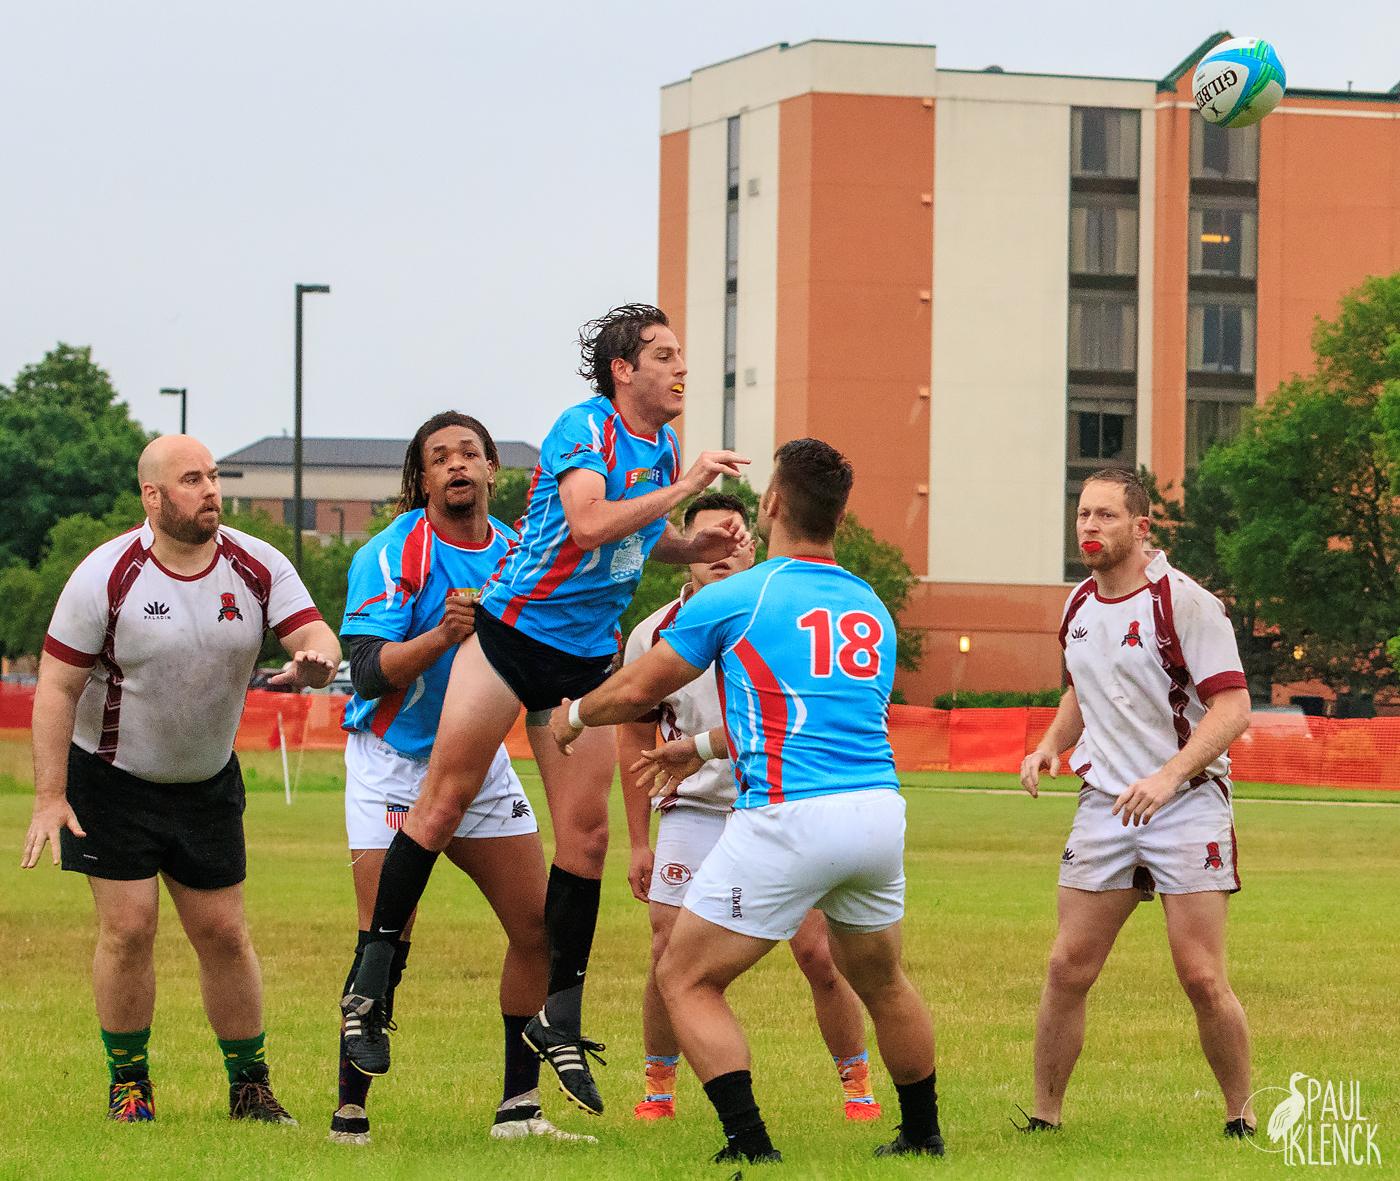 rugby_4925.jpg